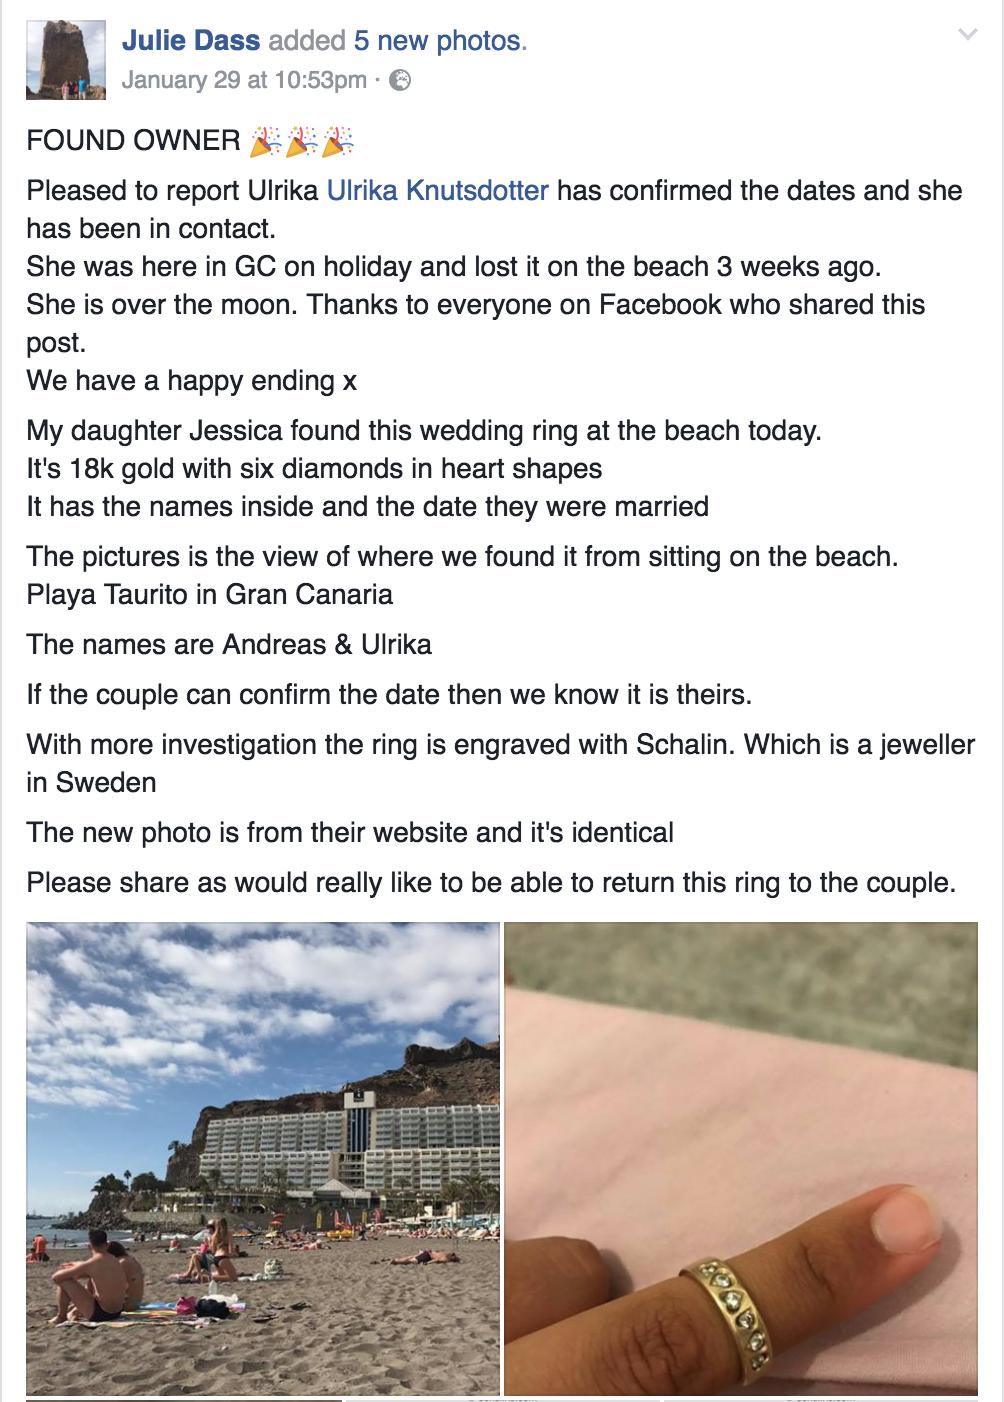 Julie Dass uppdaterade Facebookinlägget efter att hon pratat med Ulrika Knutsdotter.